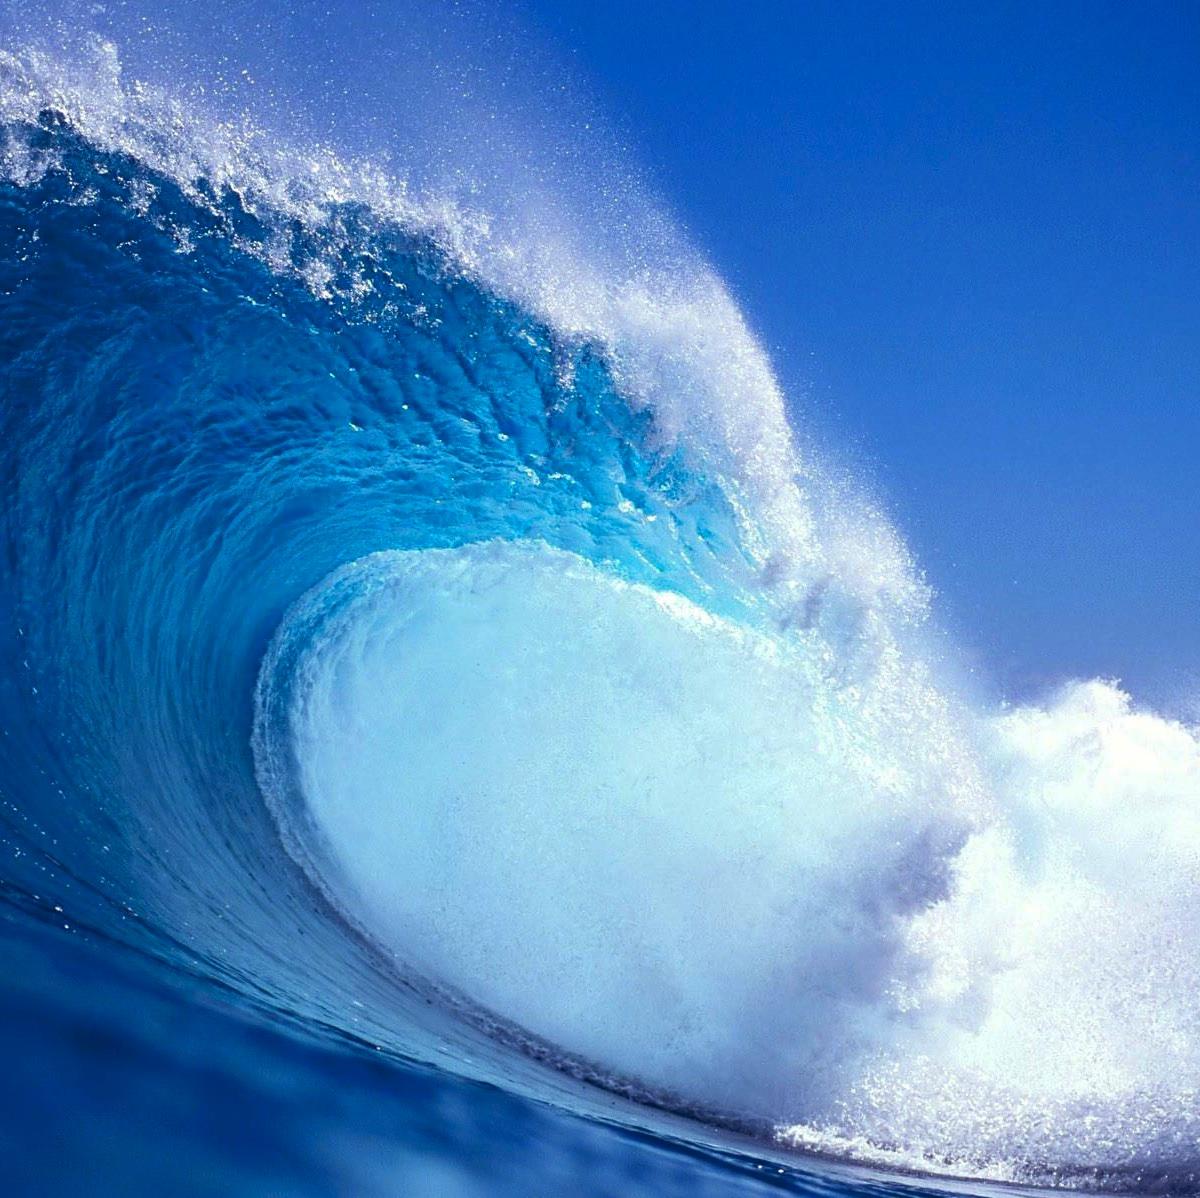 http://1.bp.blogspot.com/-fM_QI0yzJiw/Tx2hgb7RdjI/AAAAAAAAAdI/zavGg5K4r54/s1600/water.jpg